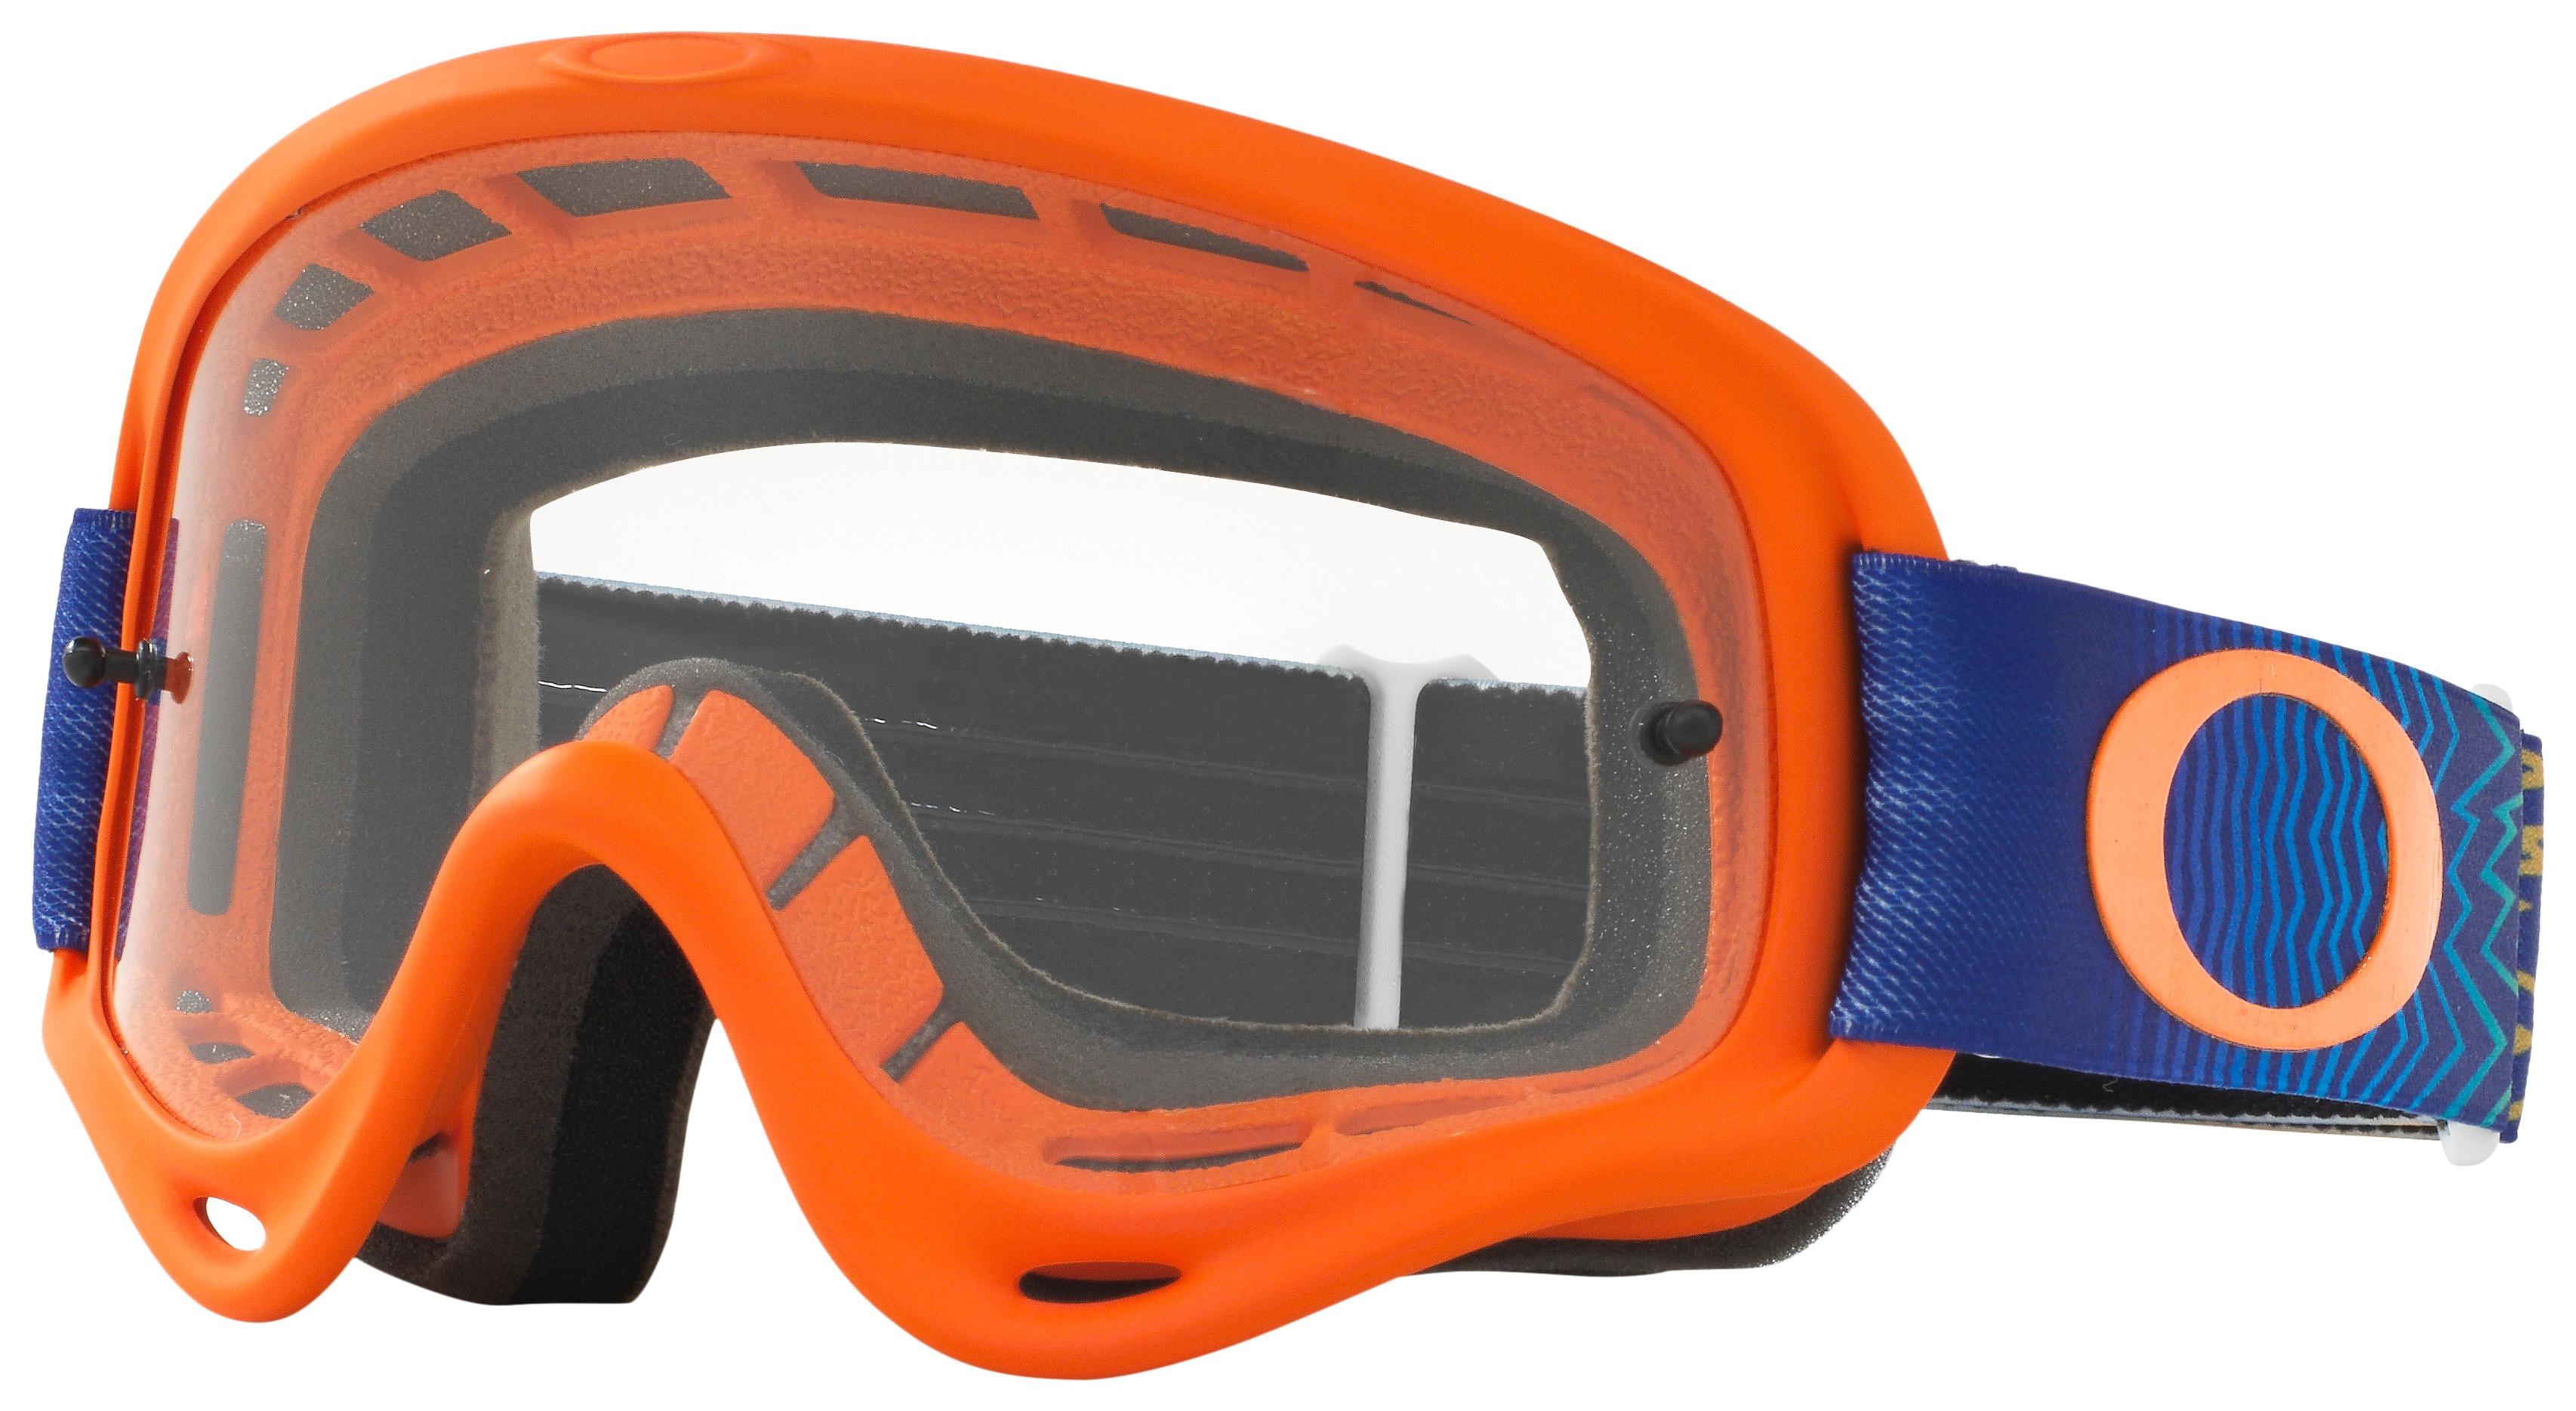 5e54f54d2b5 Oakley Youth XS O Frame MX Goggles - RevZilla